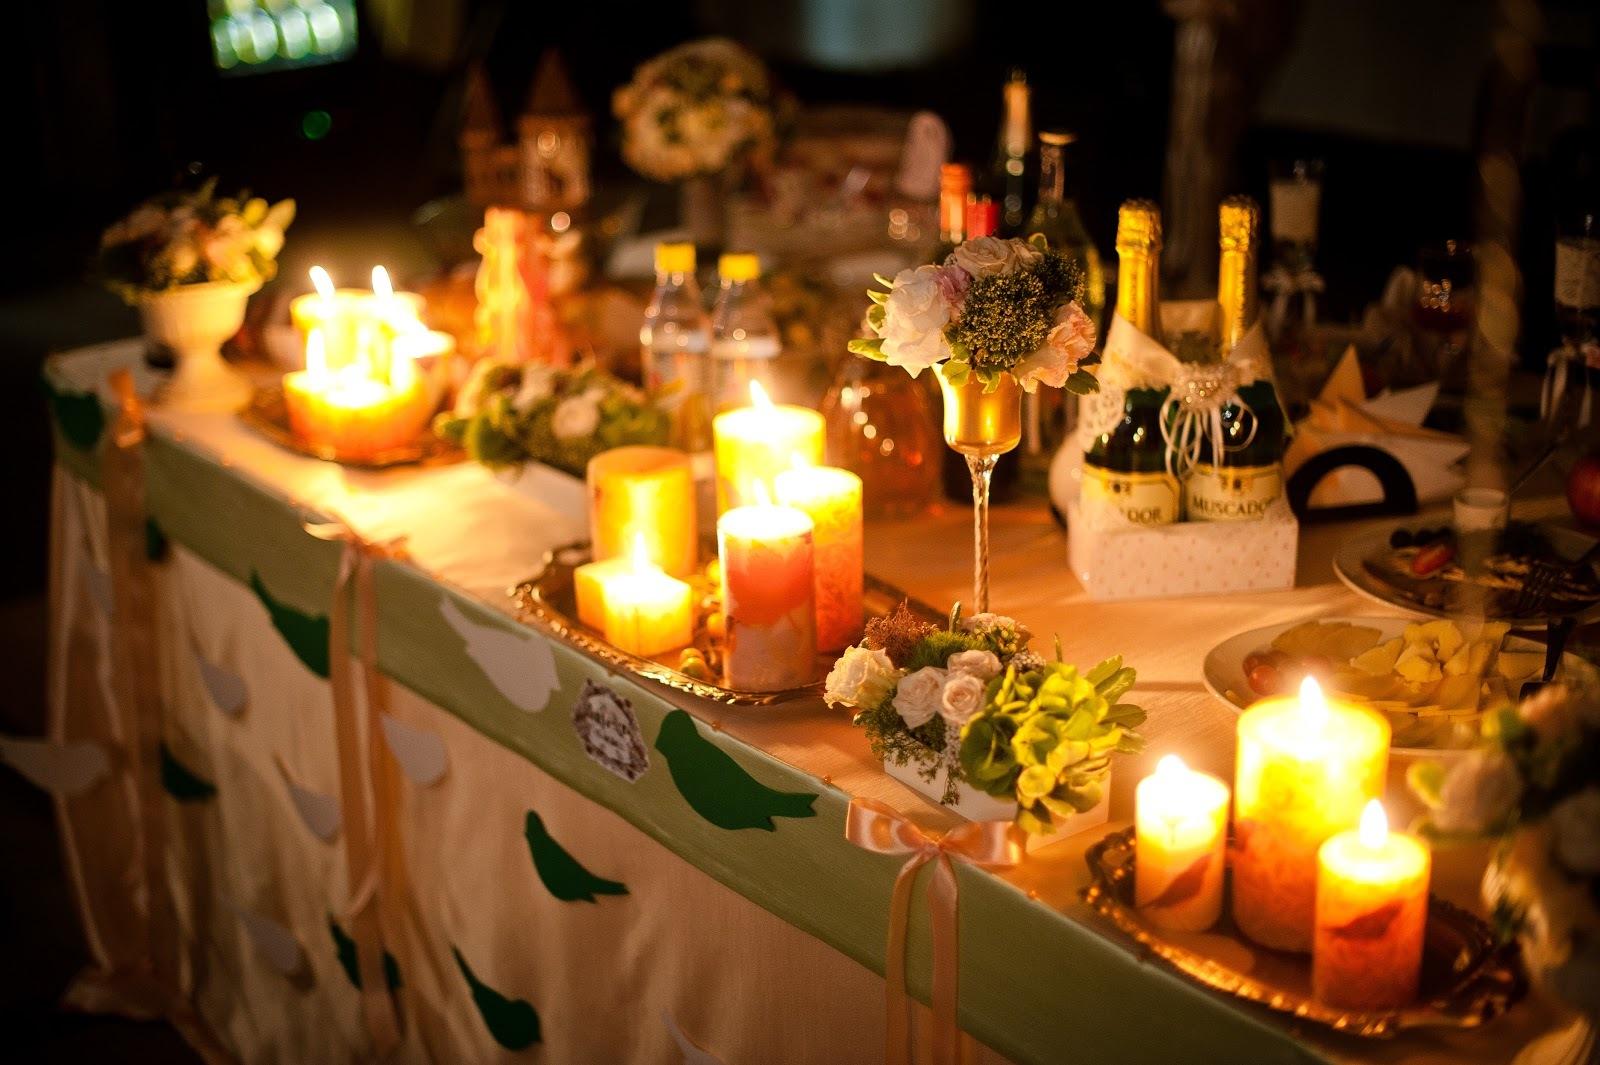 Блики, расставленных на столах свечей, прекрасно передадут атмосферу романтики и надежд на будущее.